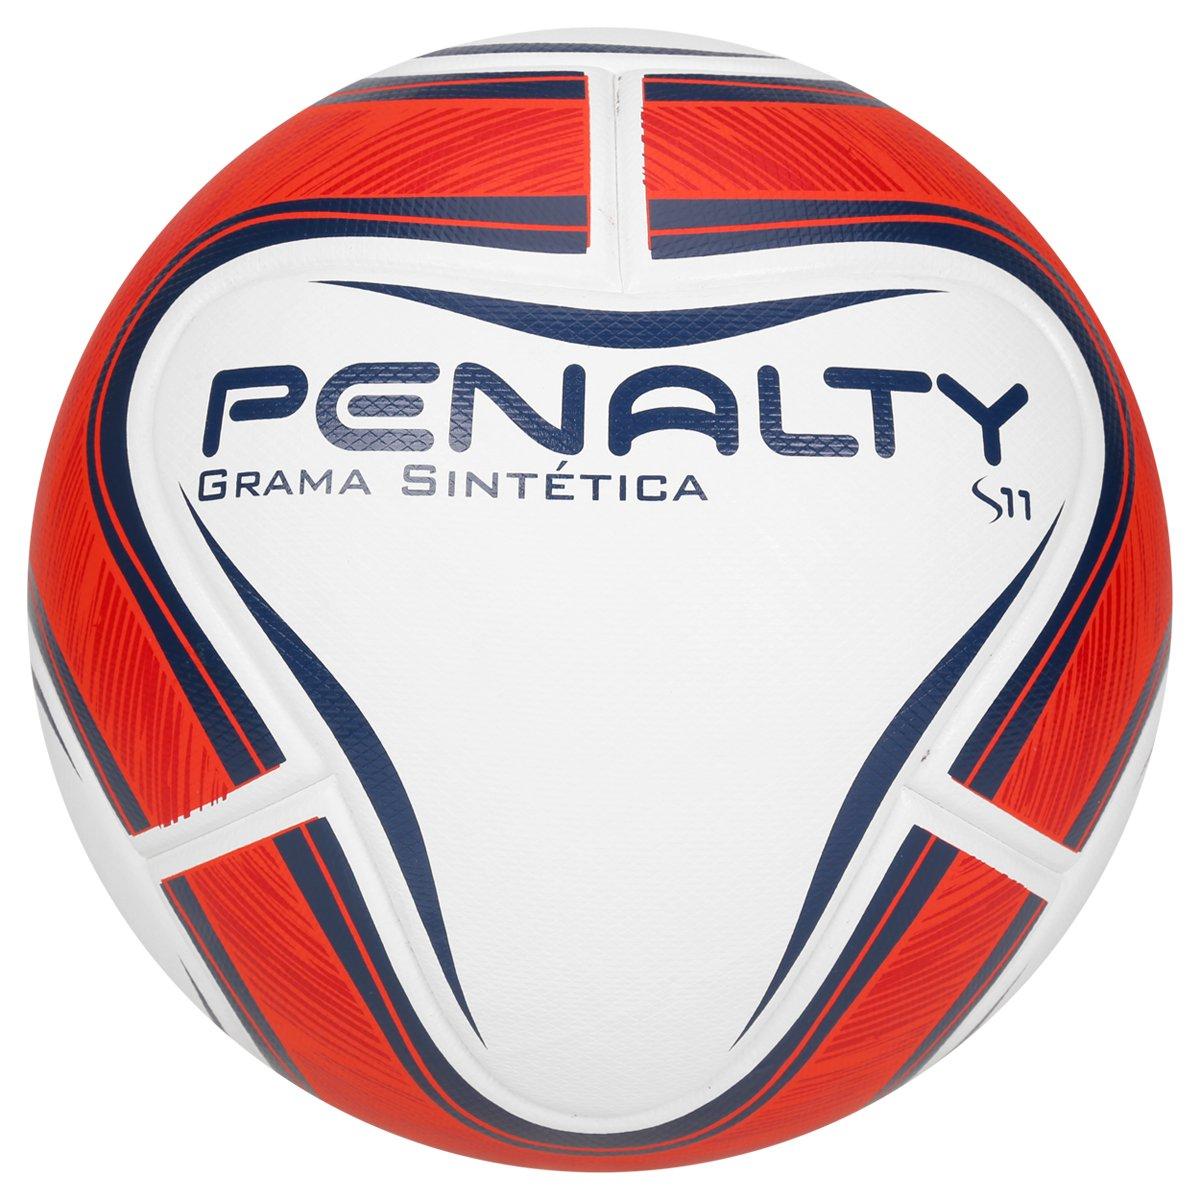 Bola Futebol Penalty S11 R1 Ko VI Society - Compre Agora  f62ccc6bfd5ec